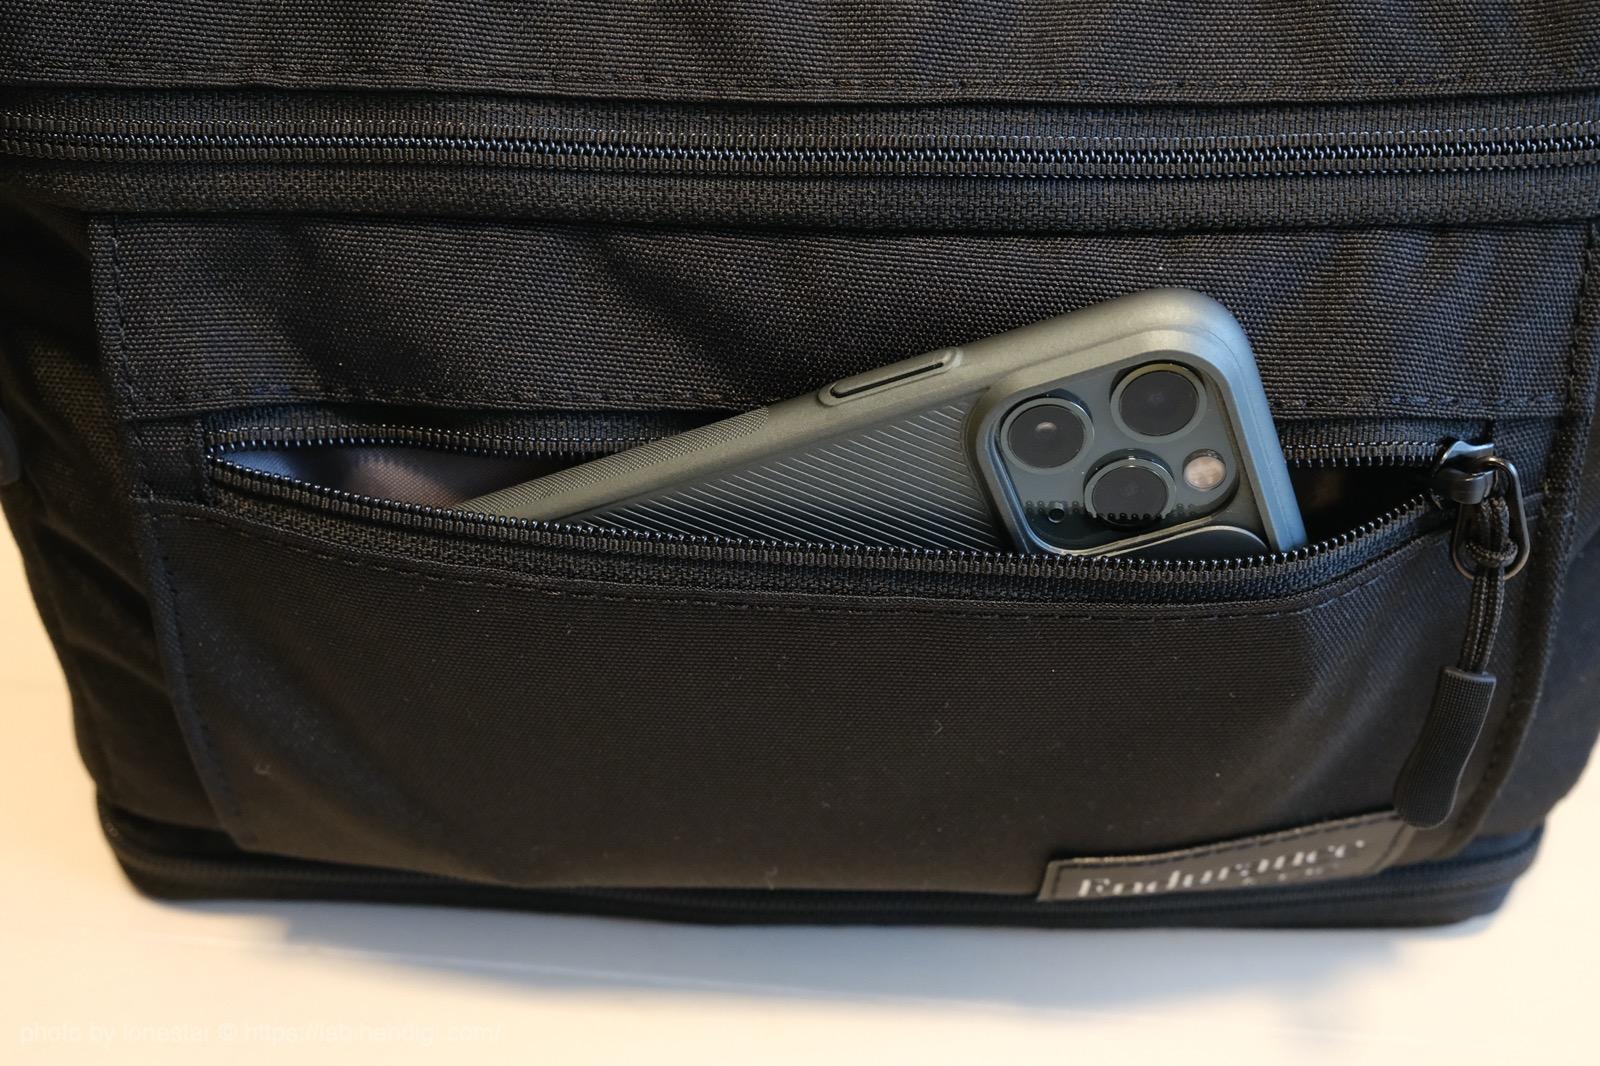 Endurance シューティングマルチカメラバッグ ポケット